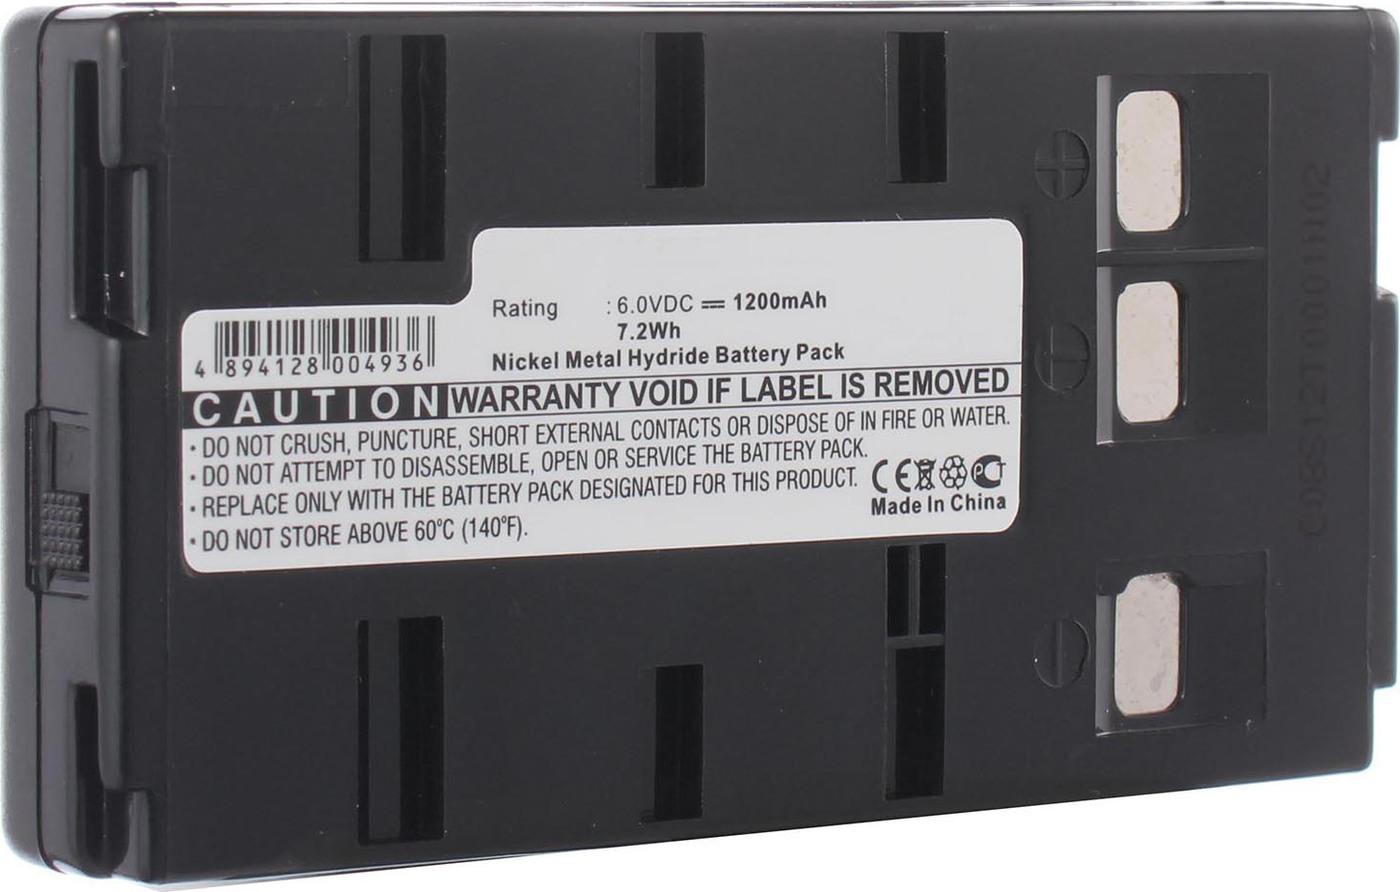 Аккумуляторная батарея iBatt iB-T2-F357 1200mAh для камер JVC GR-SV3, GR-SXM730U, GR-AX227, GR-AX401, GR-AX627, GR-FX17, GR-SX26, GR-AX33, GR-AX7, GR-DV10, GR-FX10, GR-FX11, GR-FXM38, GR-SXM48, GR-SXM750U,  для Panasonic NV-S20, NV-G202, NV-61,